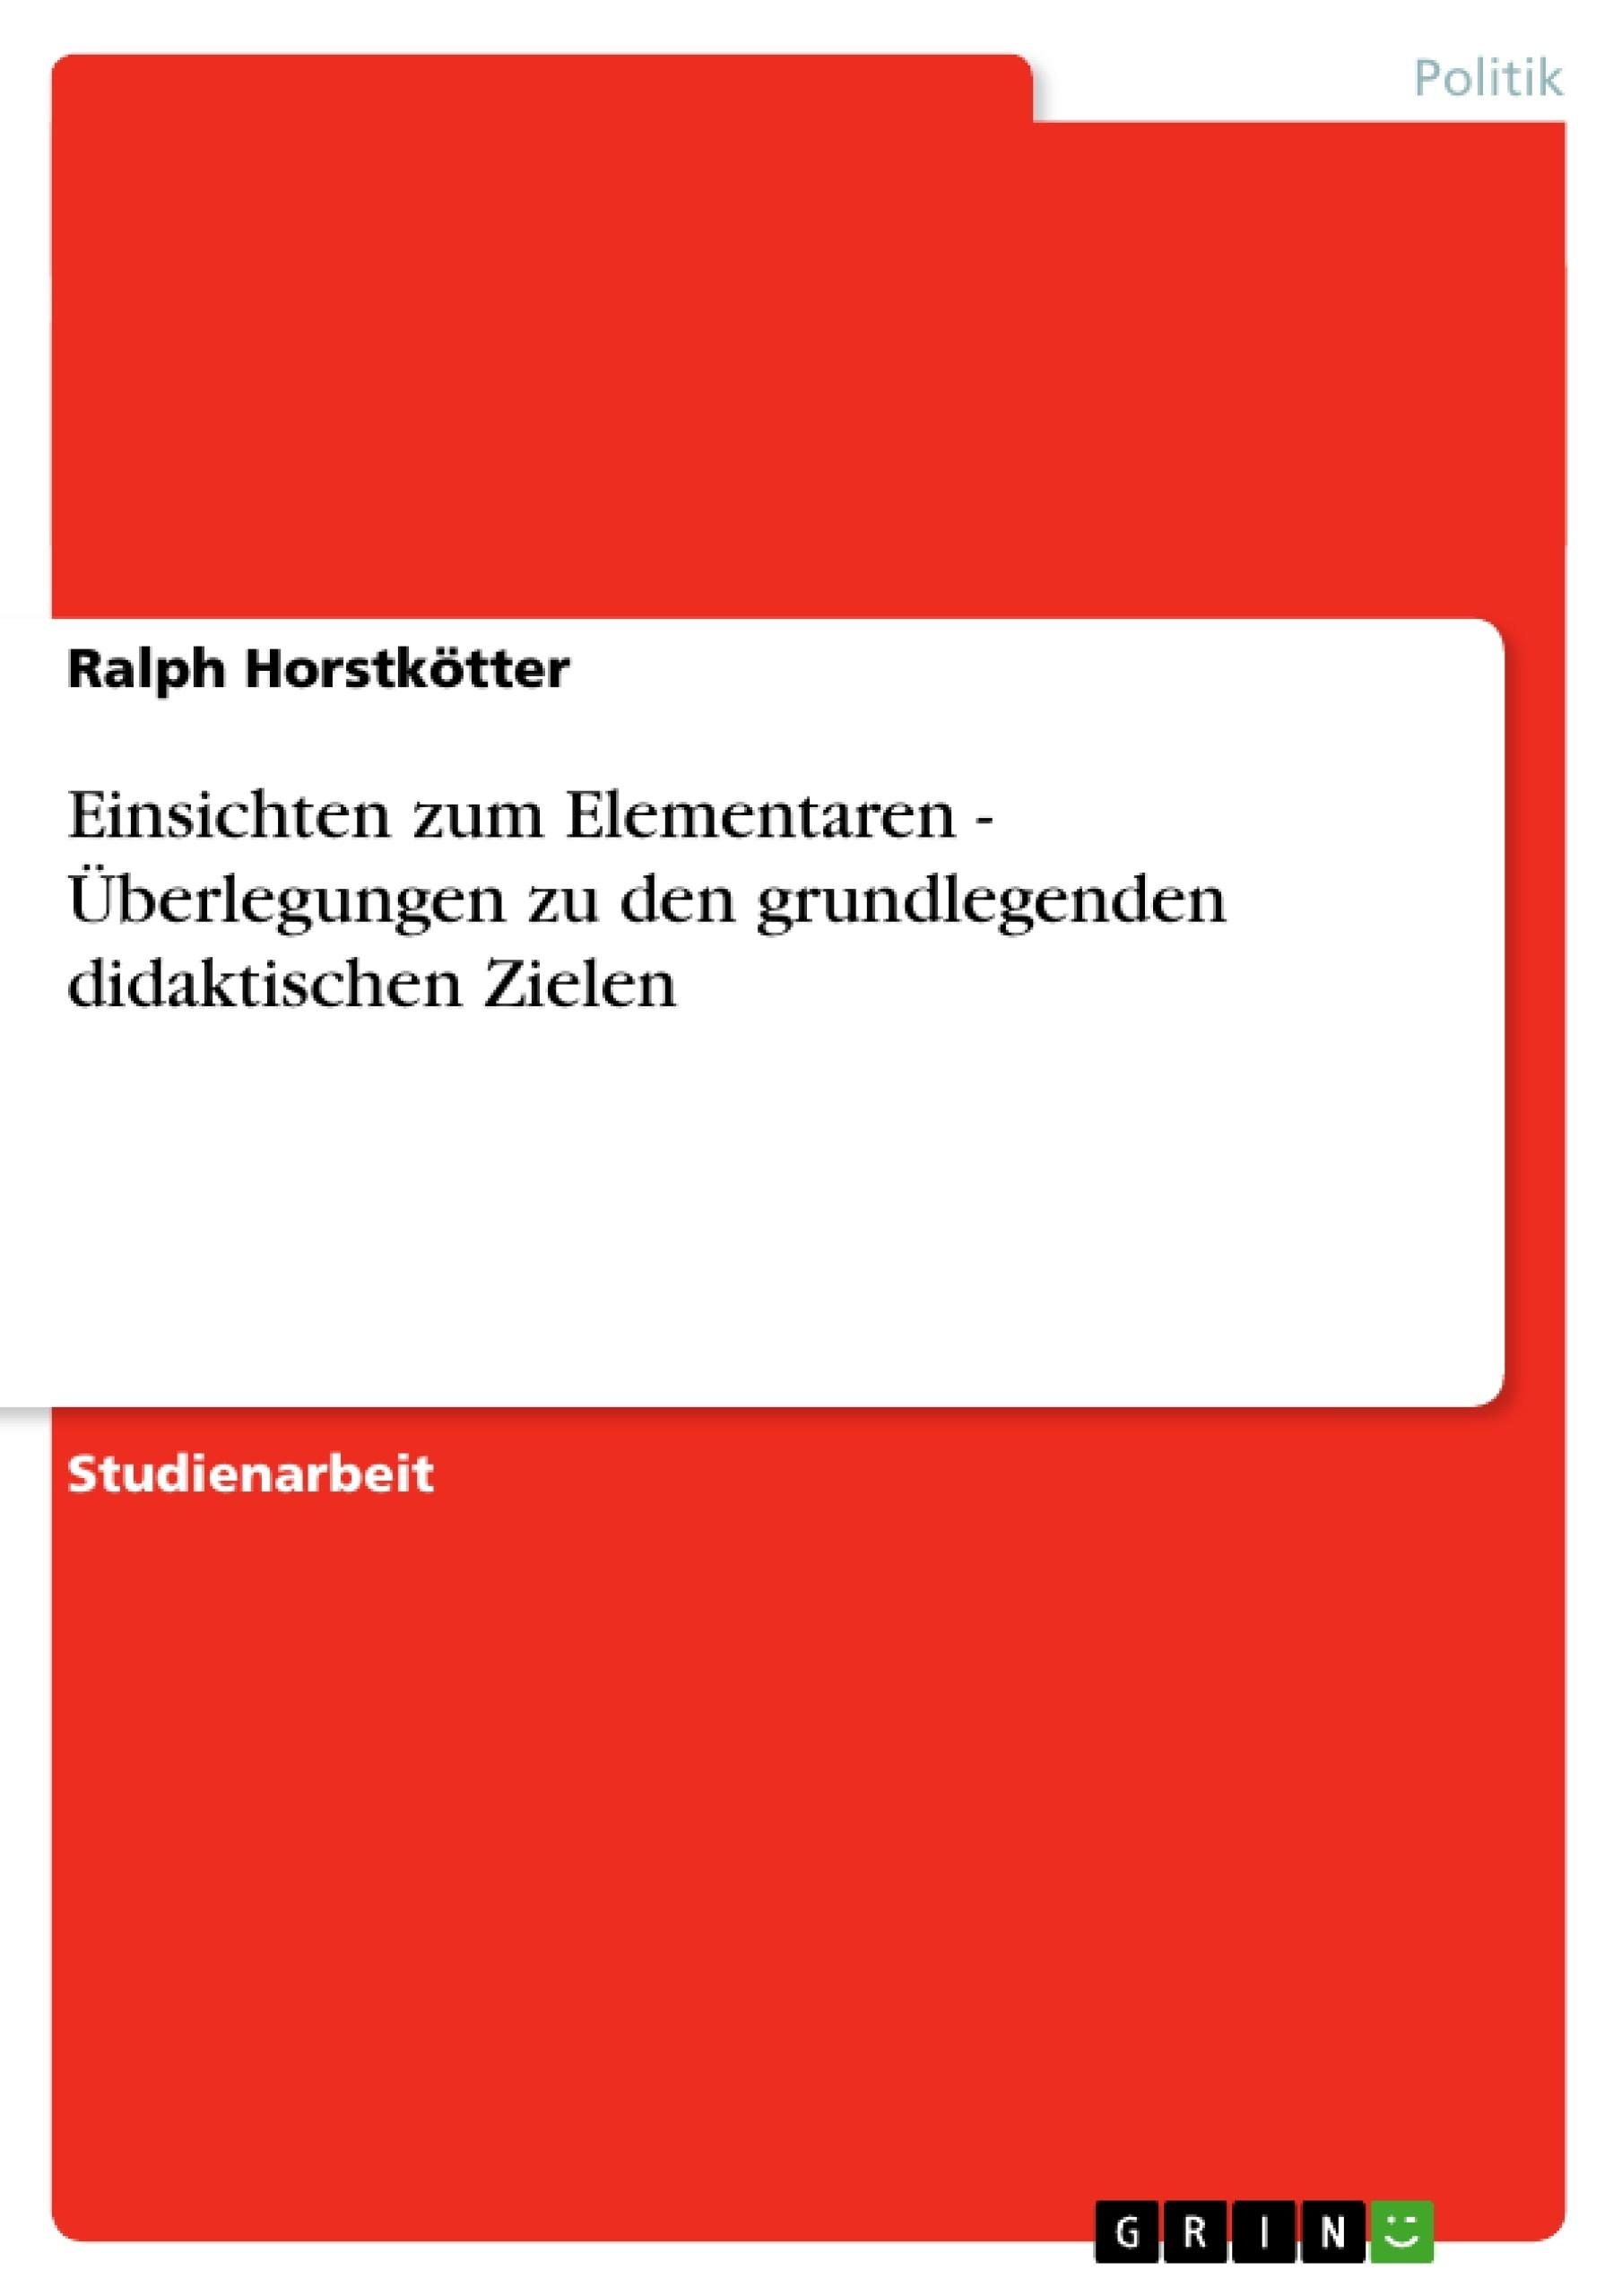 Titel: Einsichten zum Elementaren - Überlegungen zu den grundlegenden didaktischen Zielen